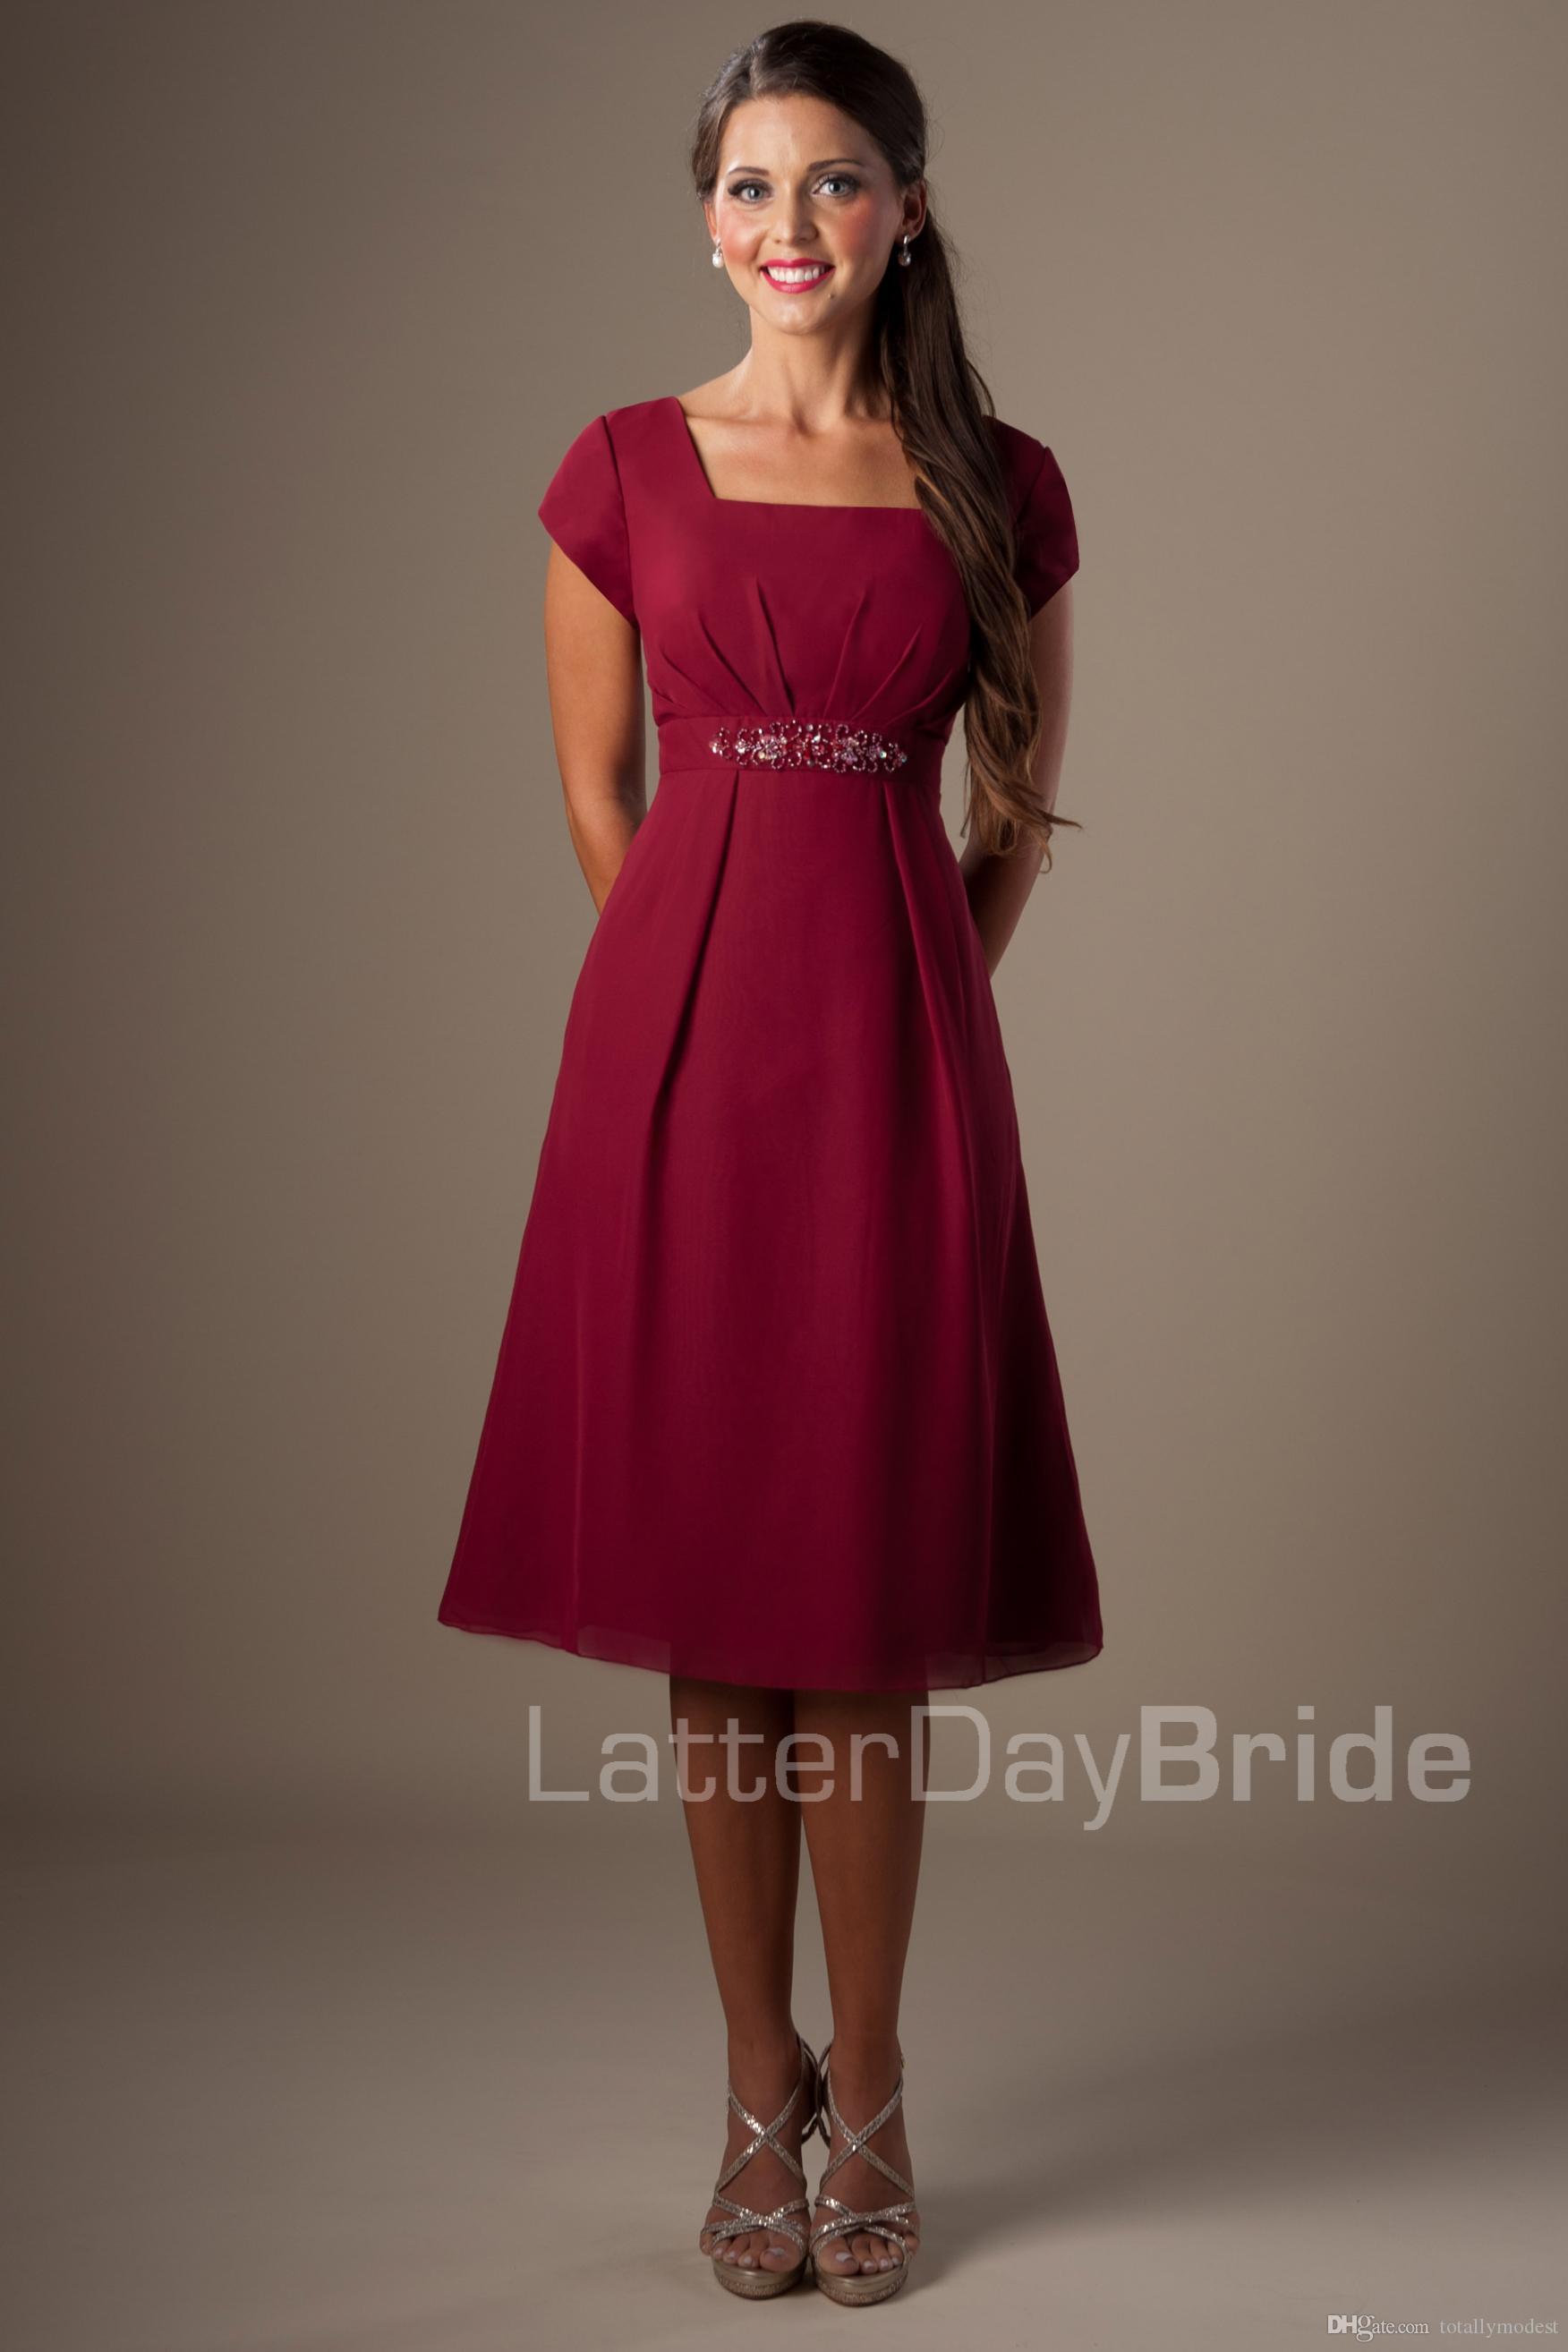 09d2fa5ce8554 Compre Vestidos De Dama De Honor Modestos